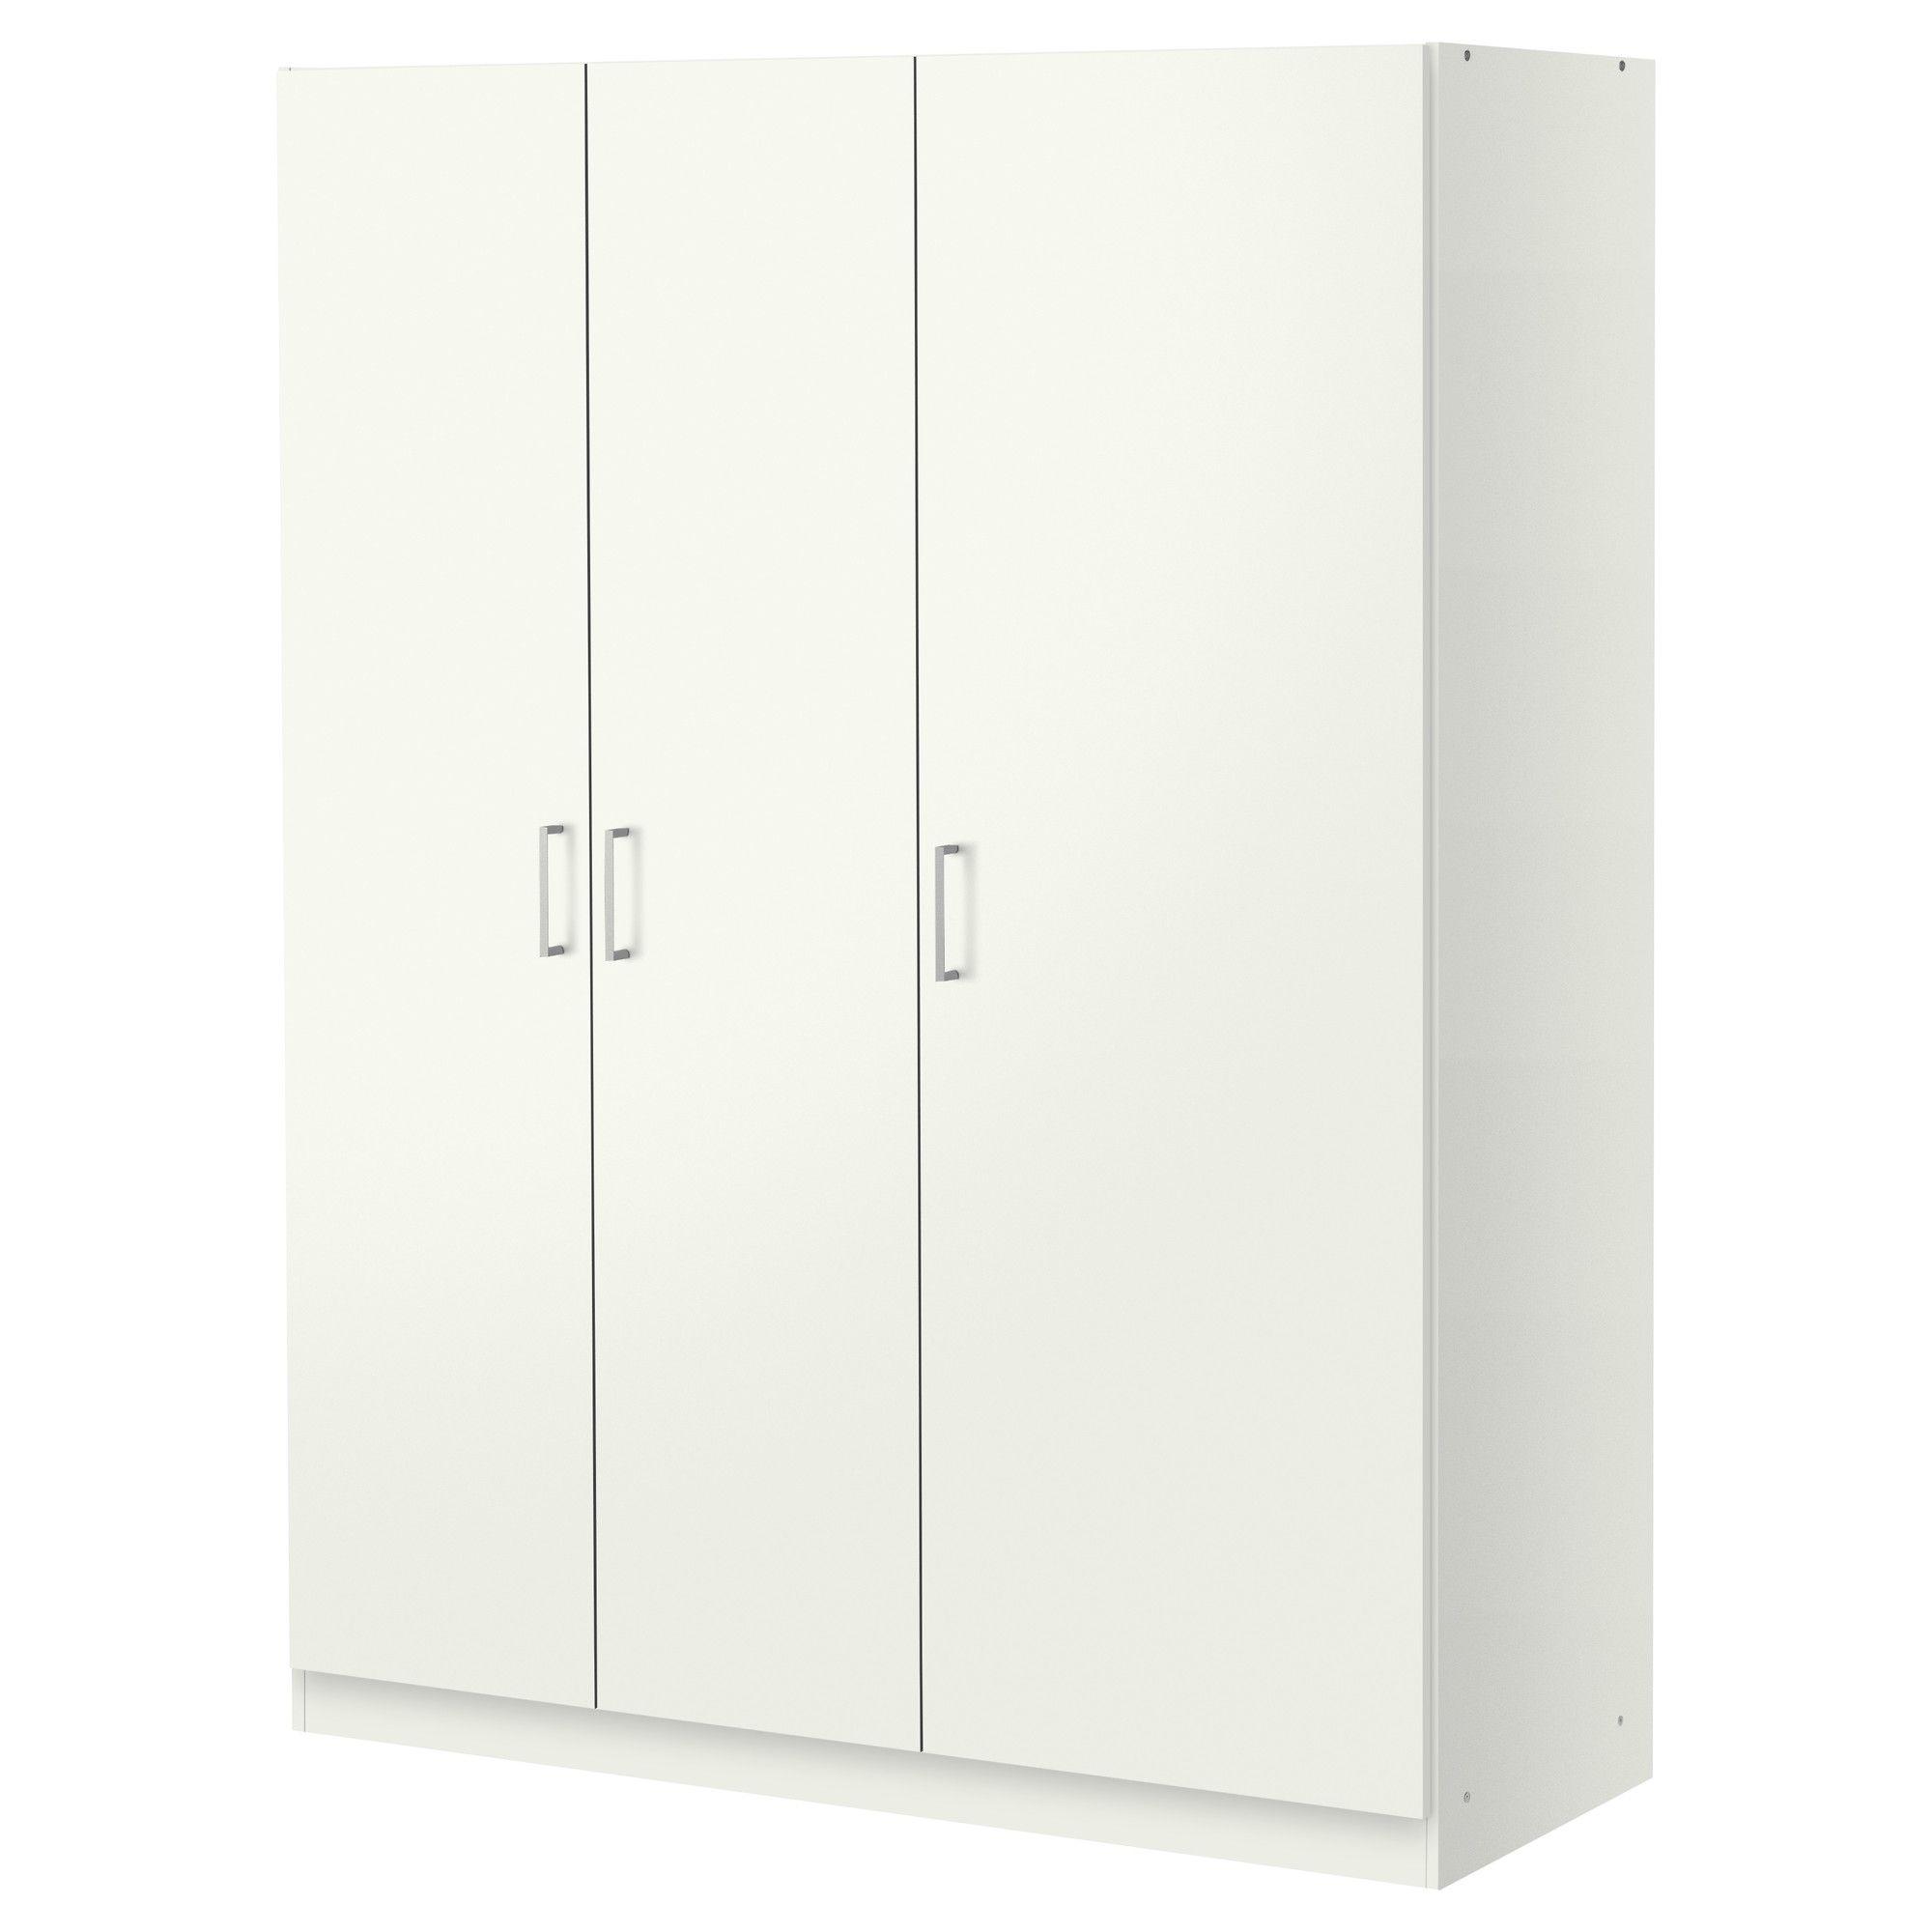 Ikea Dombas Guardaroba.Guardaroba Dombas Bianco Ikea Ikea Wardrobe Dombas